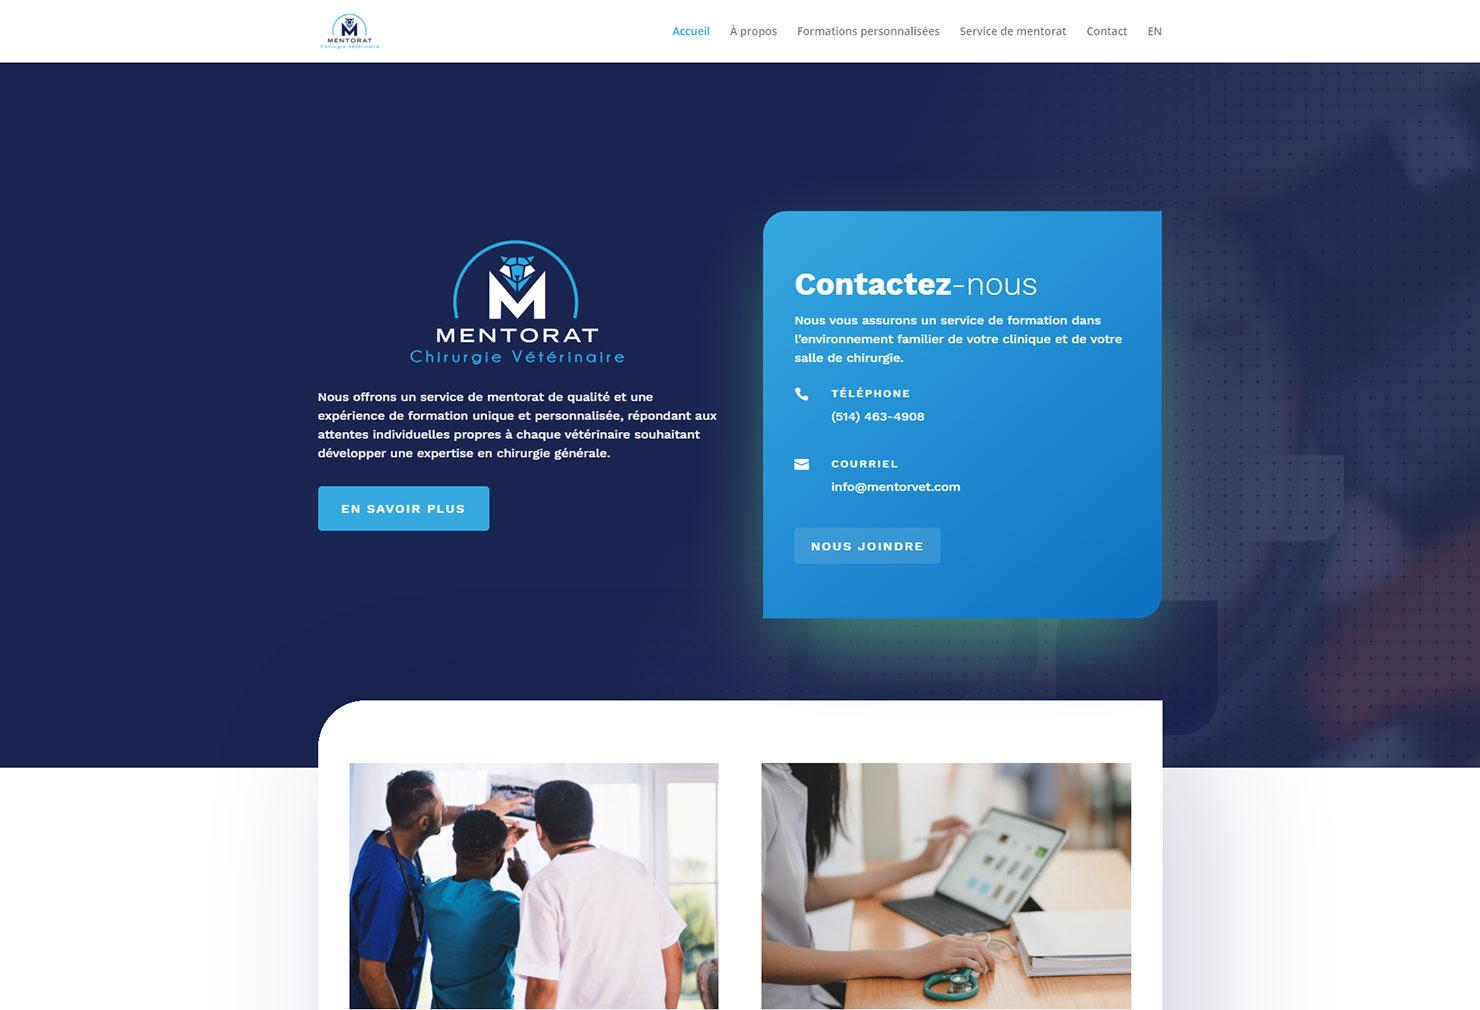 Site de Mentorat Chirurgie Vétérinaire